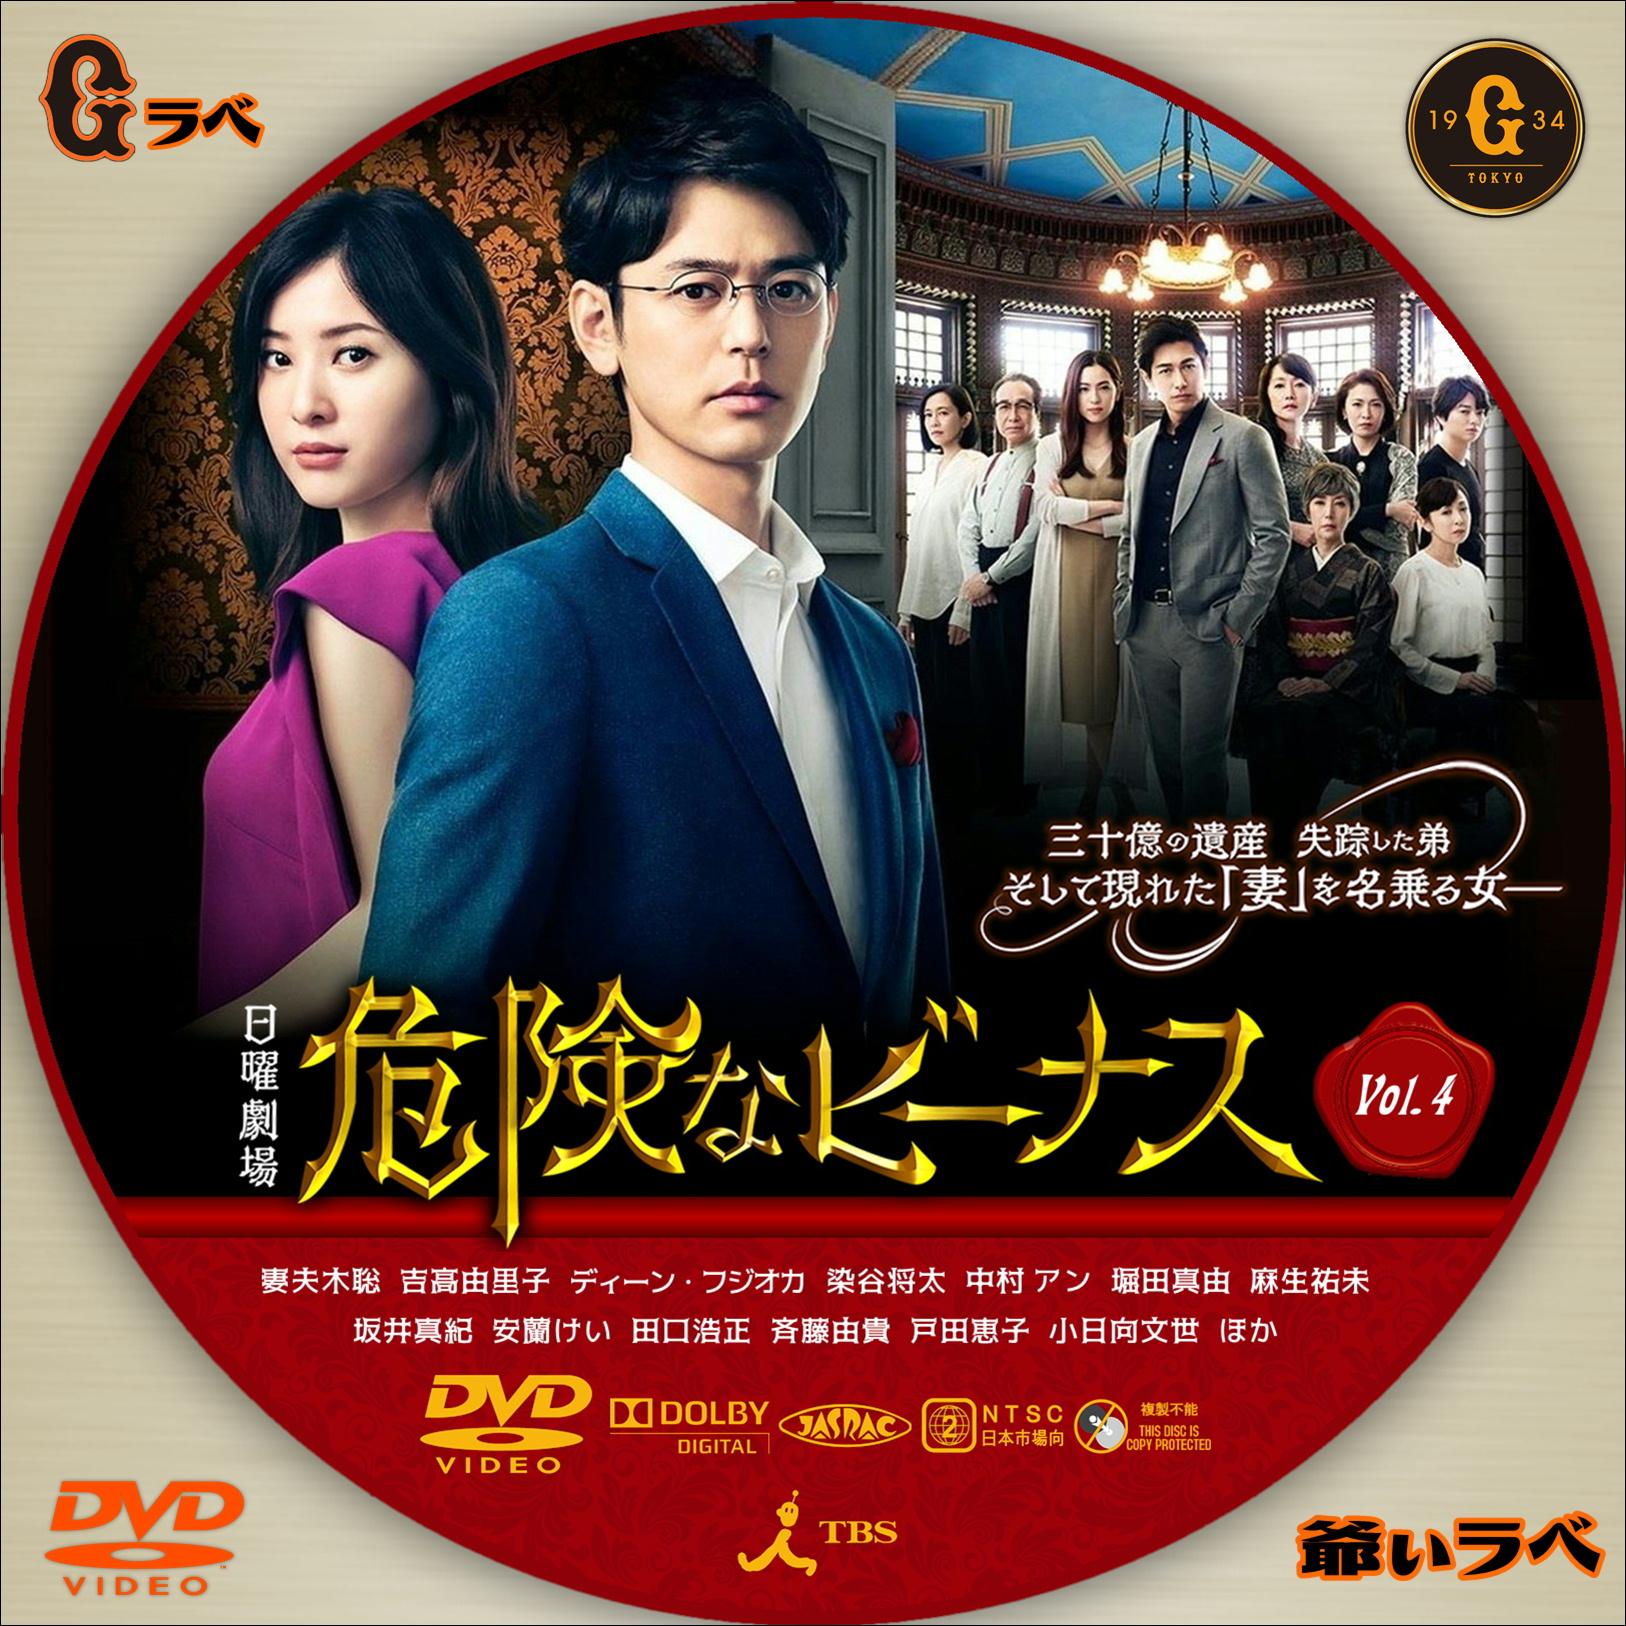 危険なビーナス Vol-4(DVD)